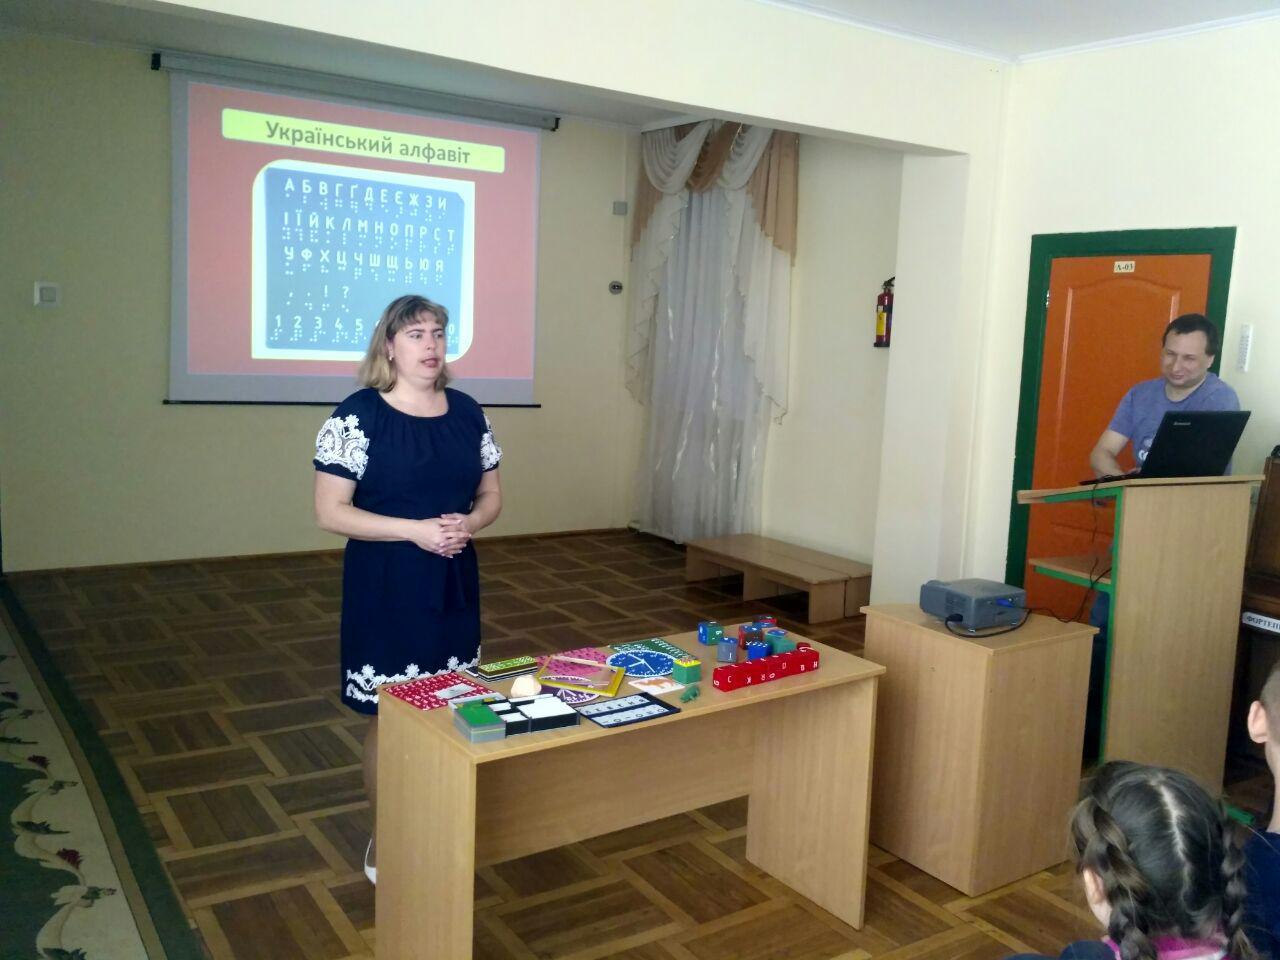 Проект «3D-друк на допомогу незрячим та слабозорим» презентували у Львові